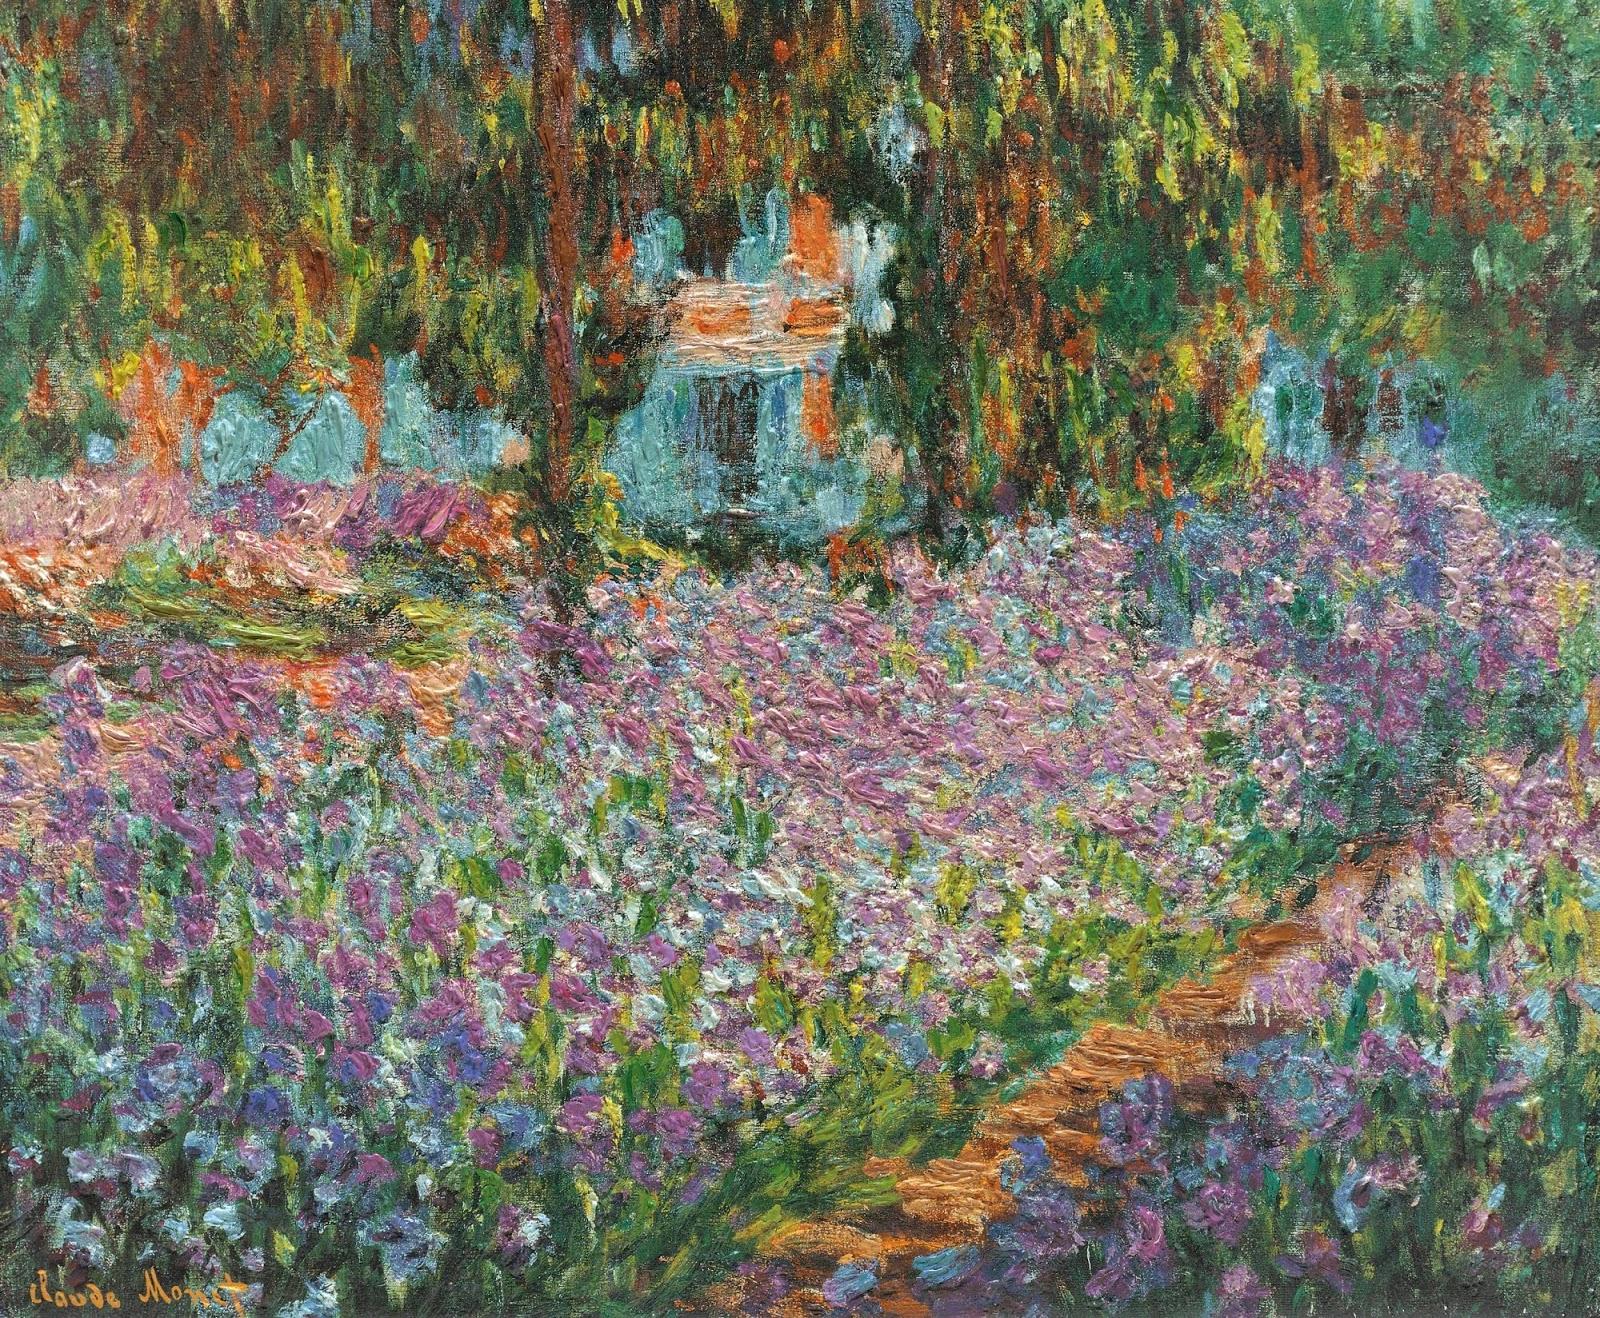 Histoire des Jardins Giverny le jardin du peintre Monet